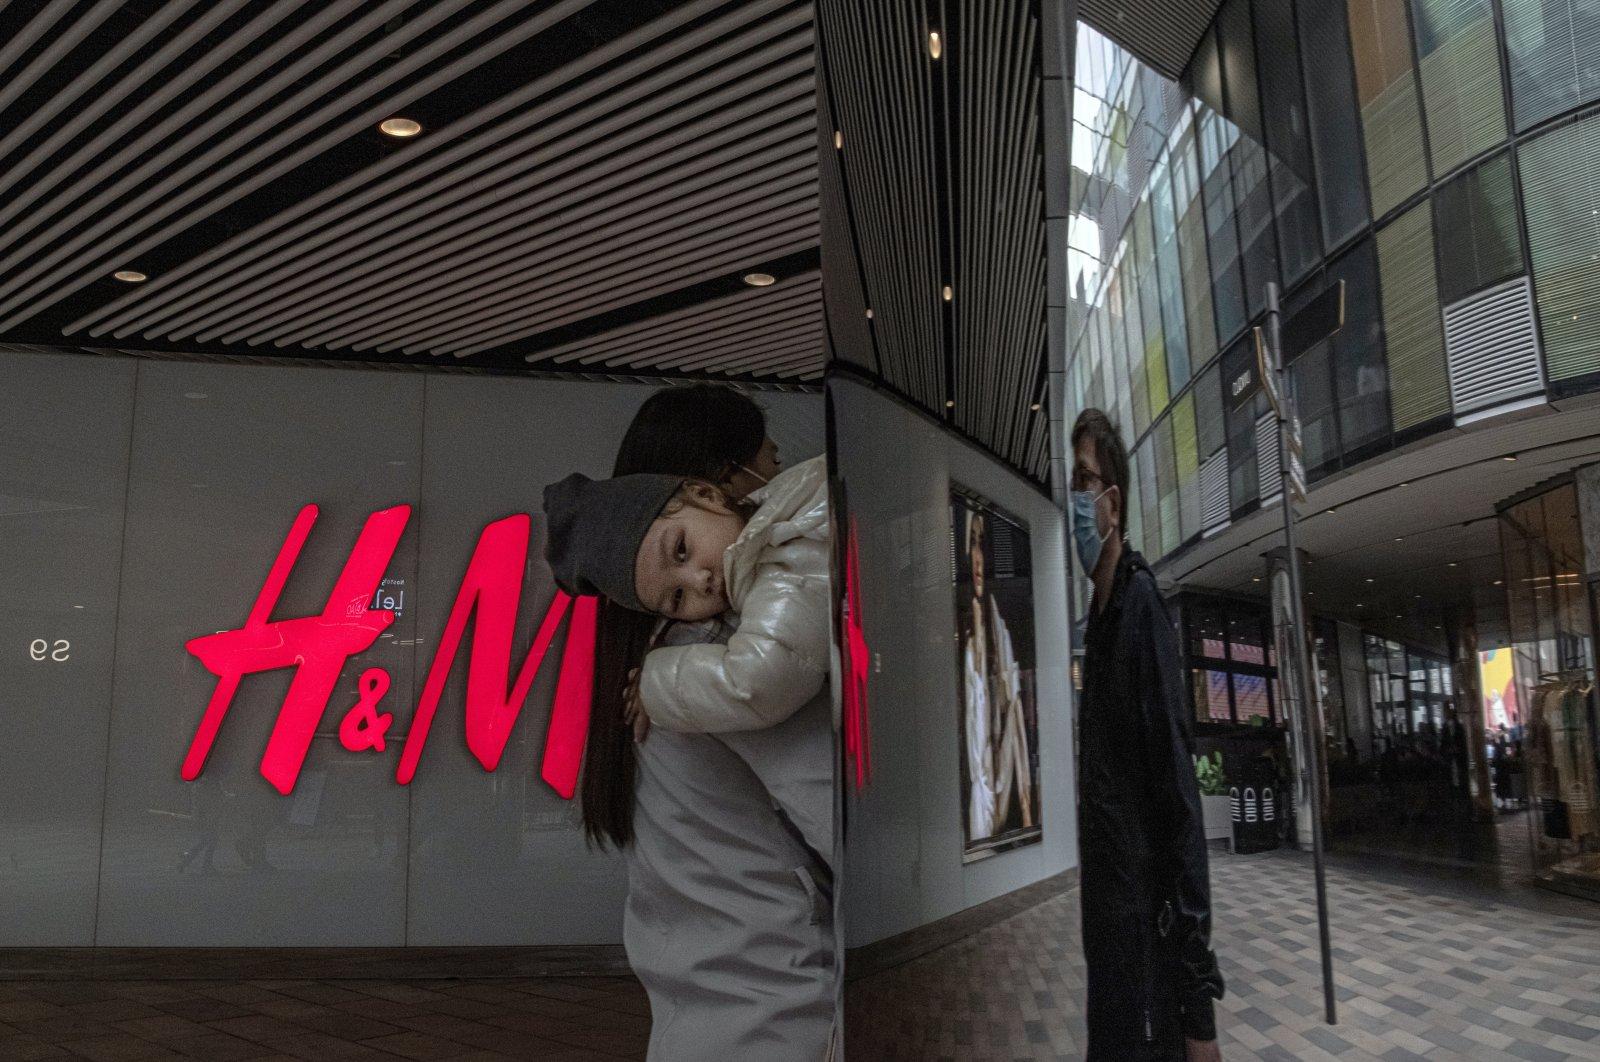 Eine Frau mit einem Kind geht am 27. März 2021 in einem Einkaufsviertel von Sanlitun in Peking, China, an einem H&M-Geschäft vorbei. (EPA-Foto)